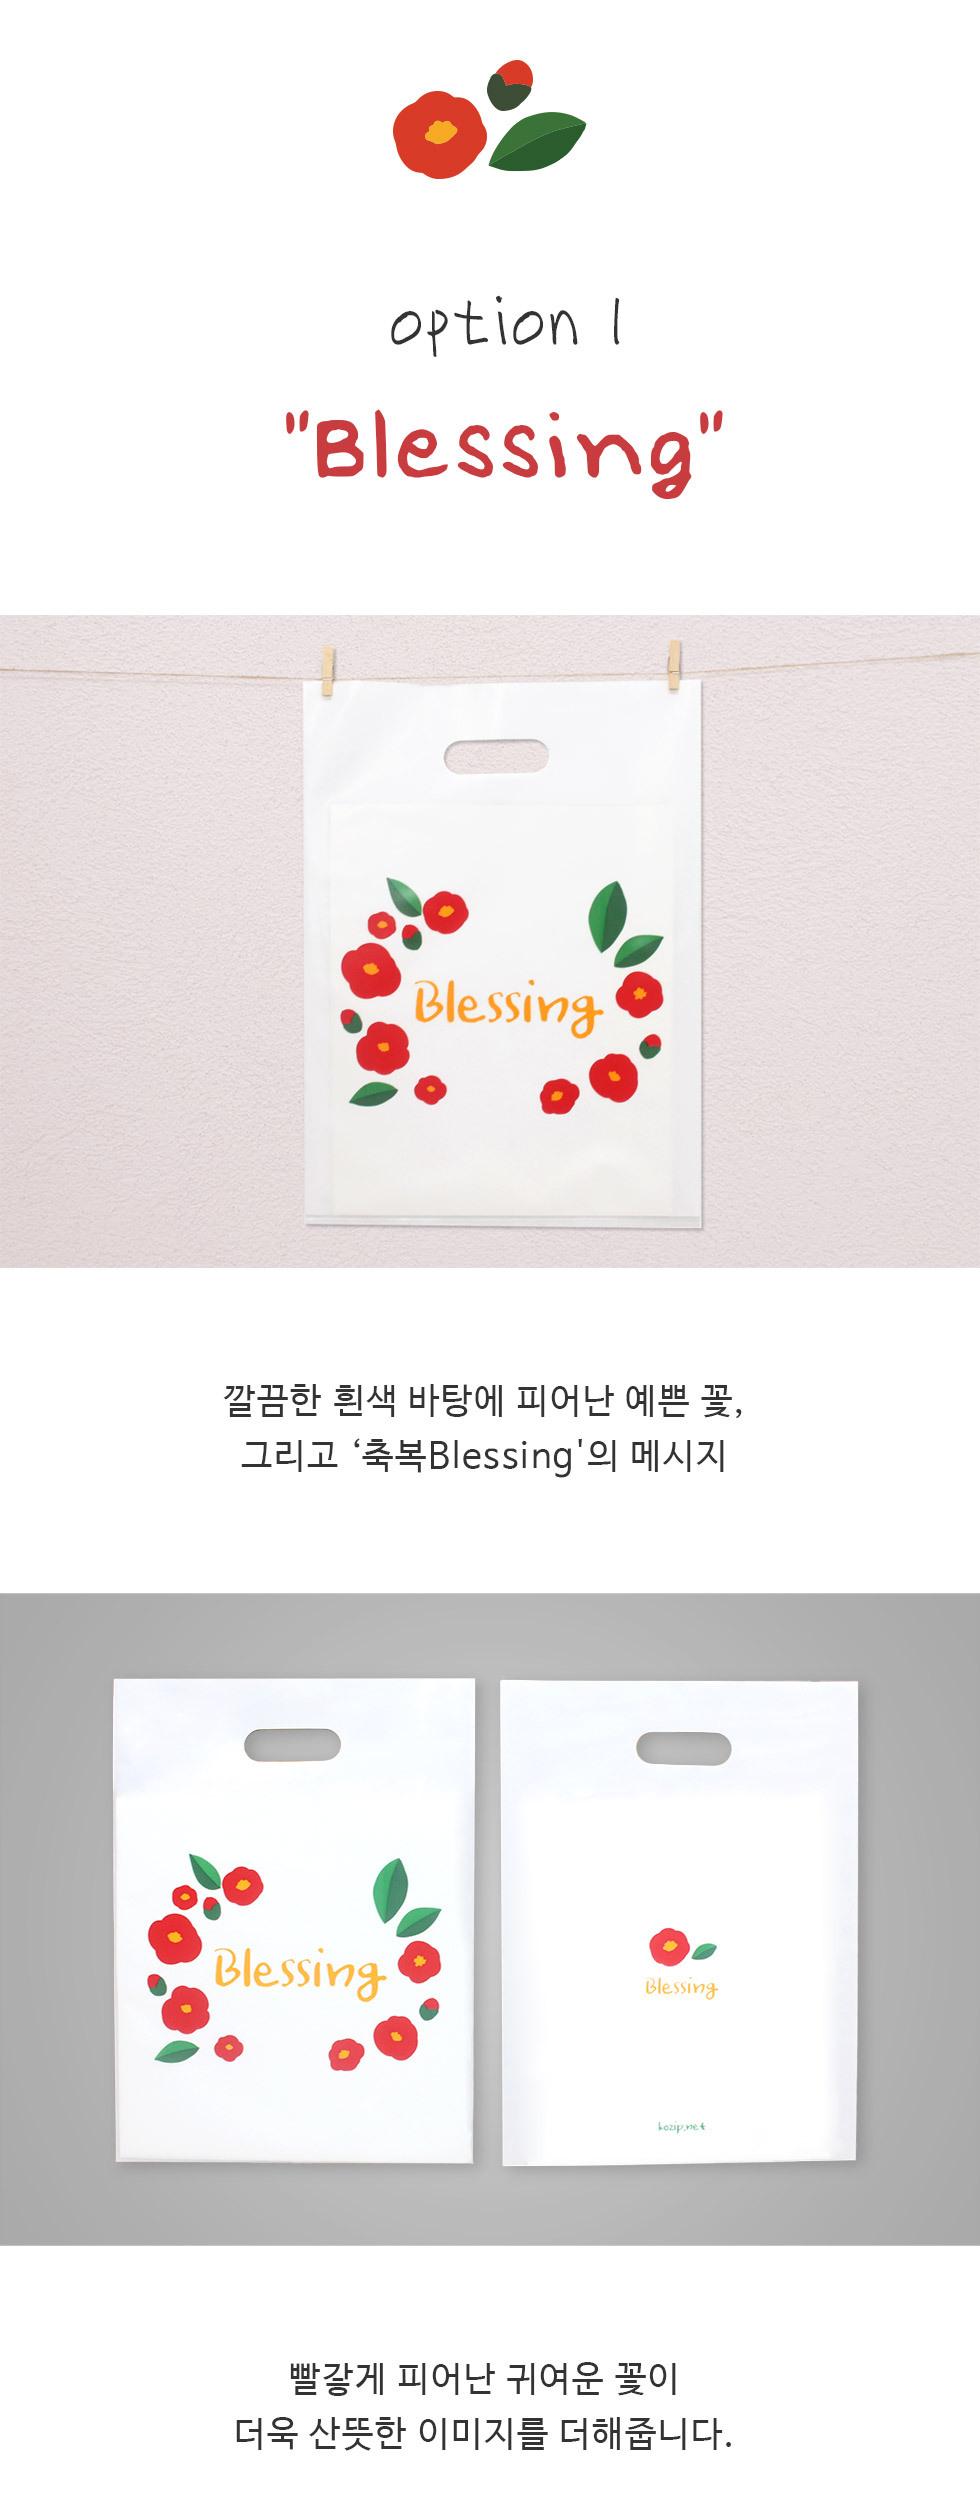 크리스챤 비닐백 비닐쇼핑백 중 2종 - 옵션1 블레싱 흰색